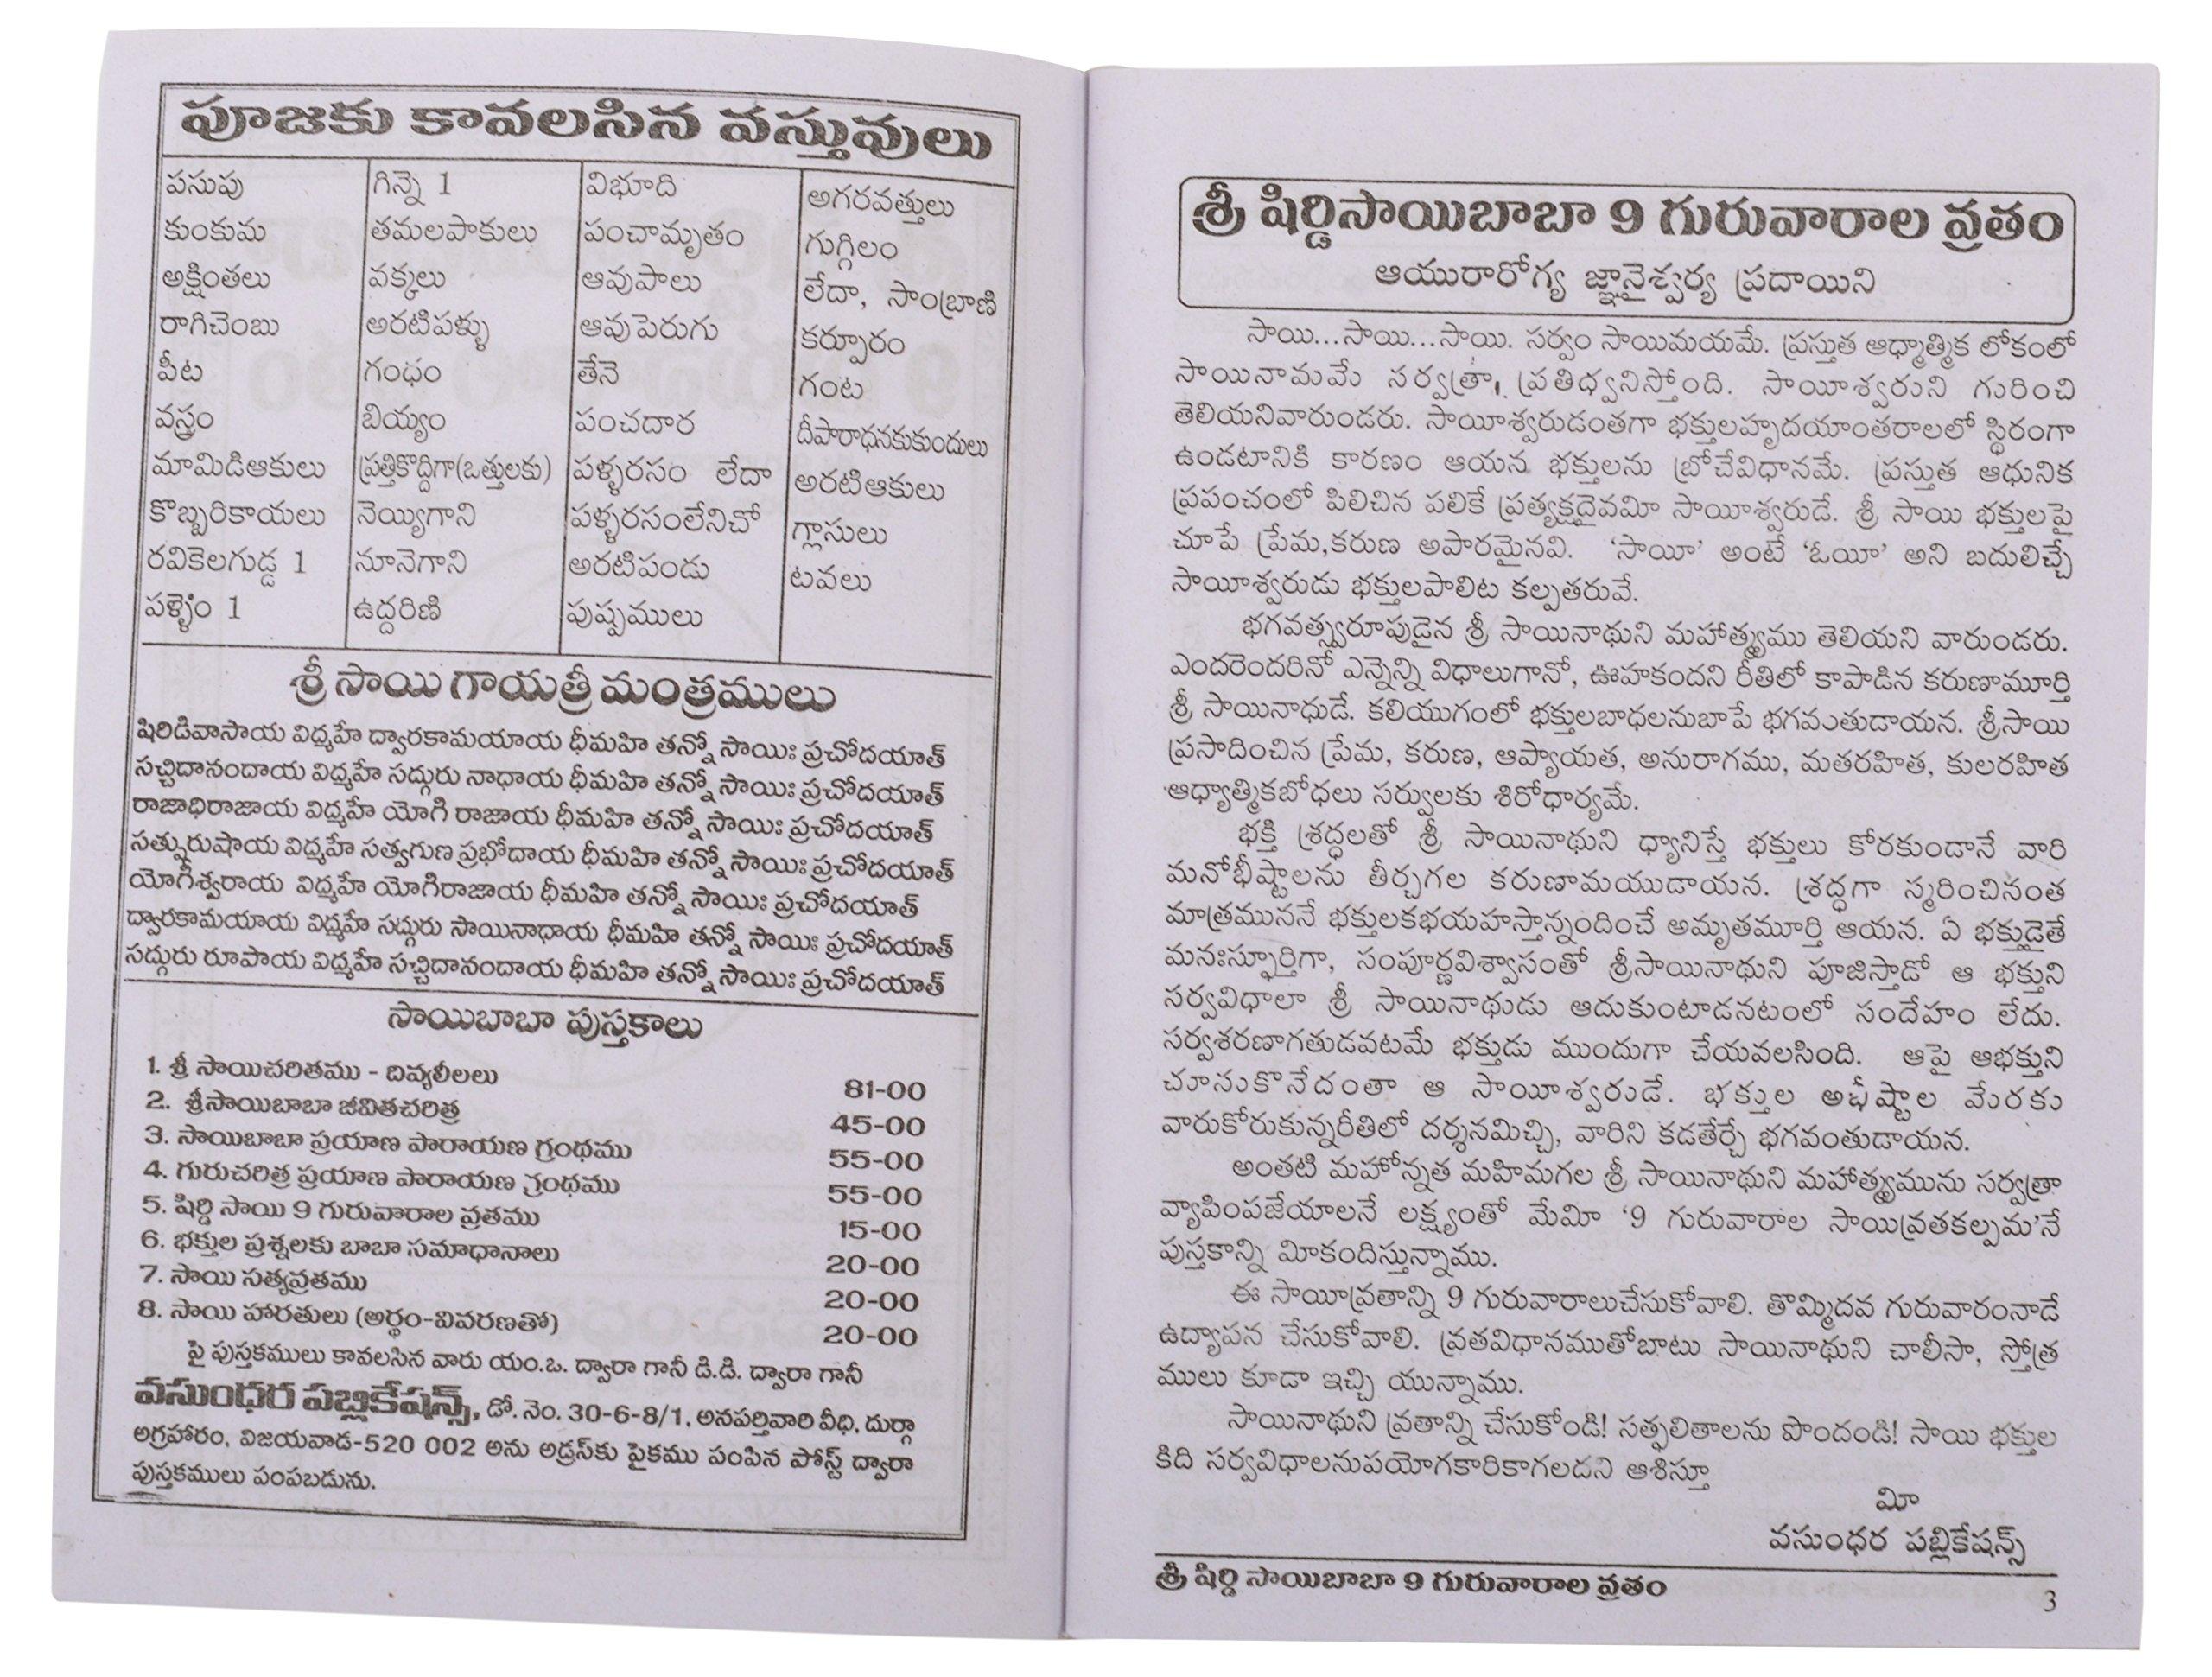 Buy Sri Shiridi Sai Baba 9 Thursdays Vratham, Pack of 5 (Telugu